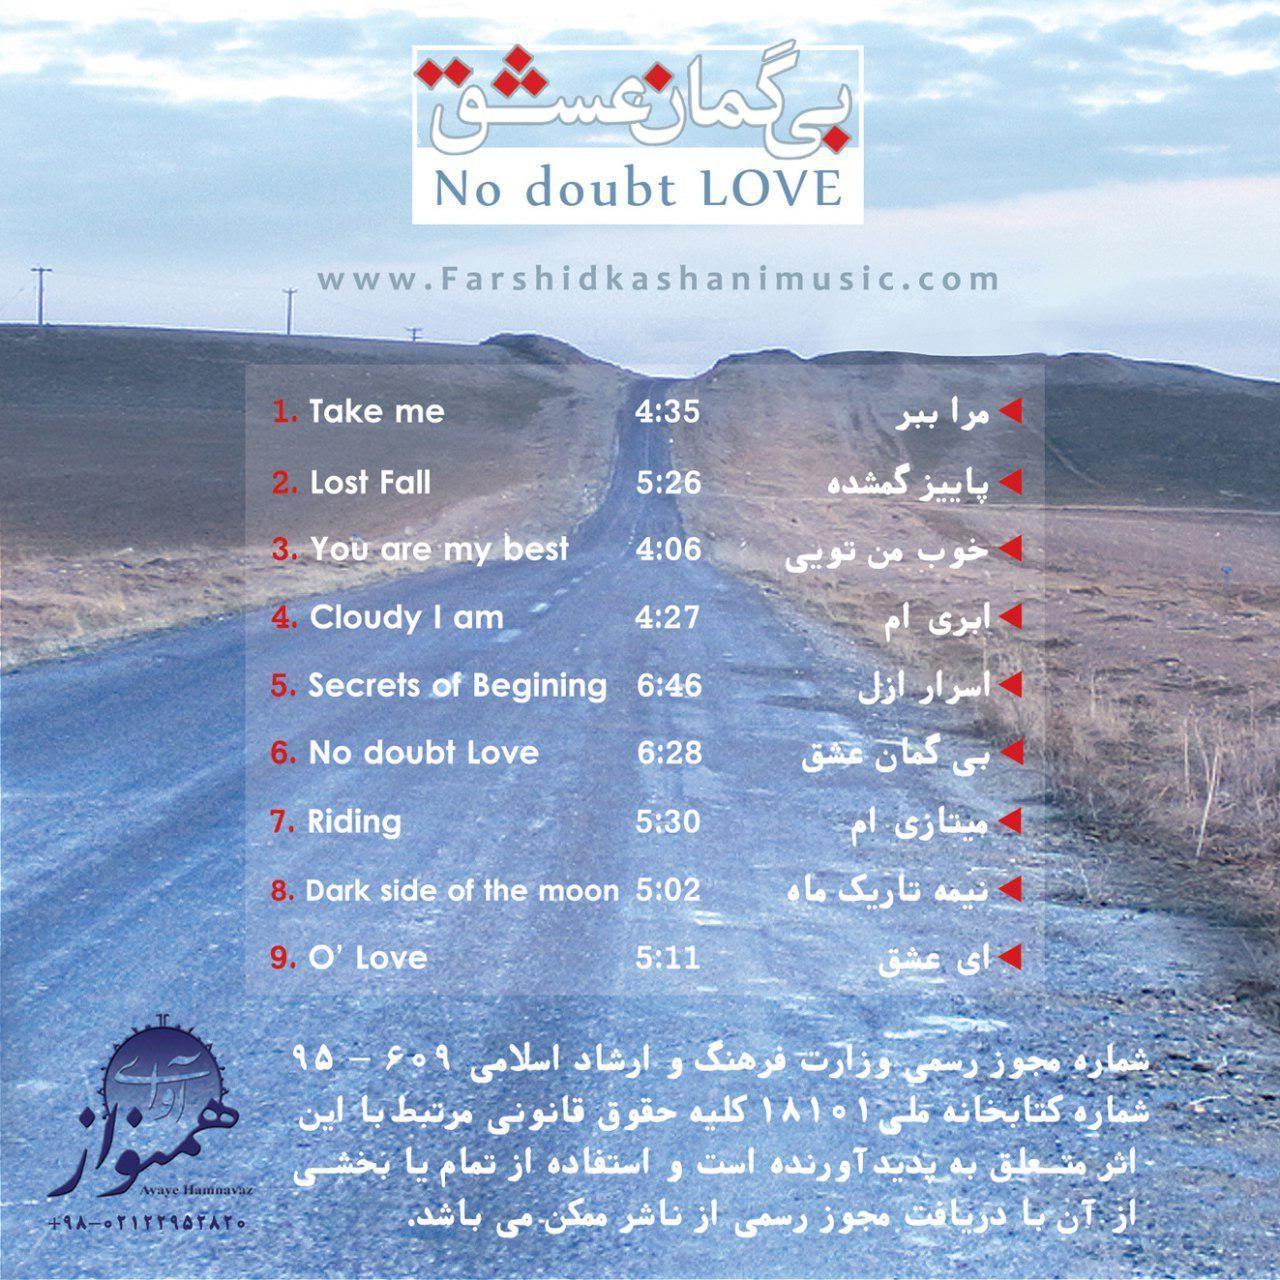 آلبوم موسیقی بی گمان عشق به خوانندگی فرشید کاشانی انتشارات آوای همنواز